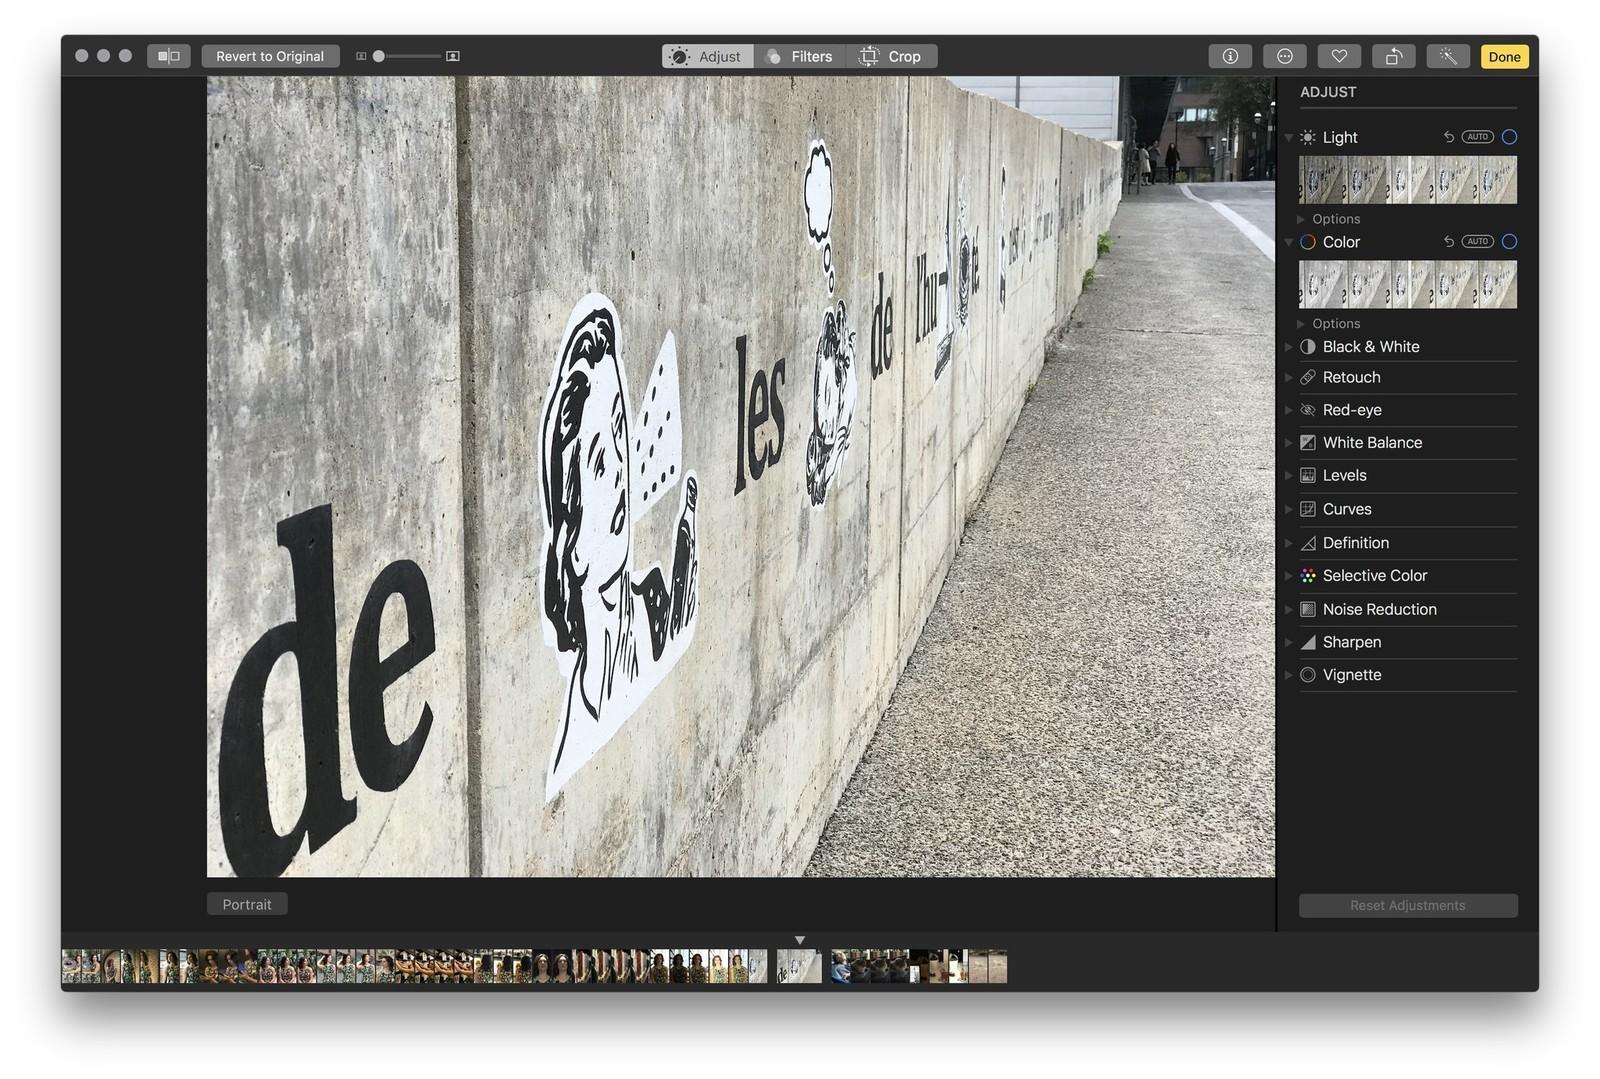 Как использовать портретный режим и портретное освещение в iPhone X - эффекты освещения на macOS